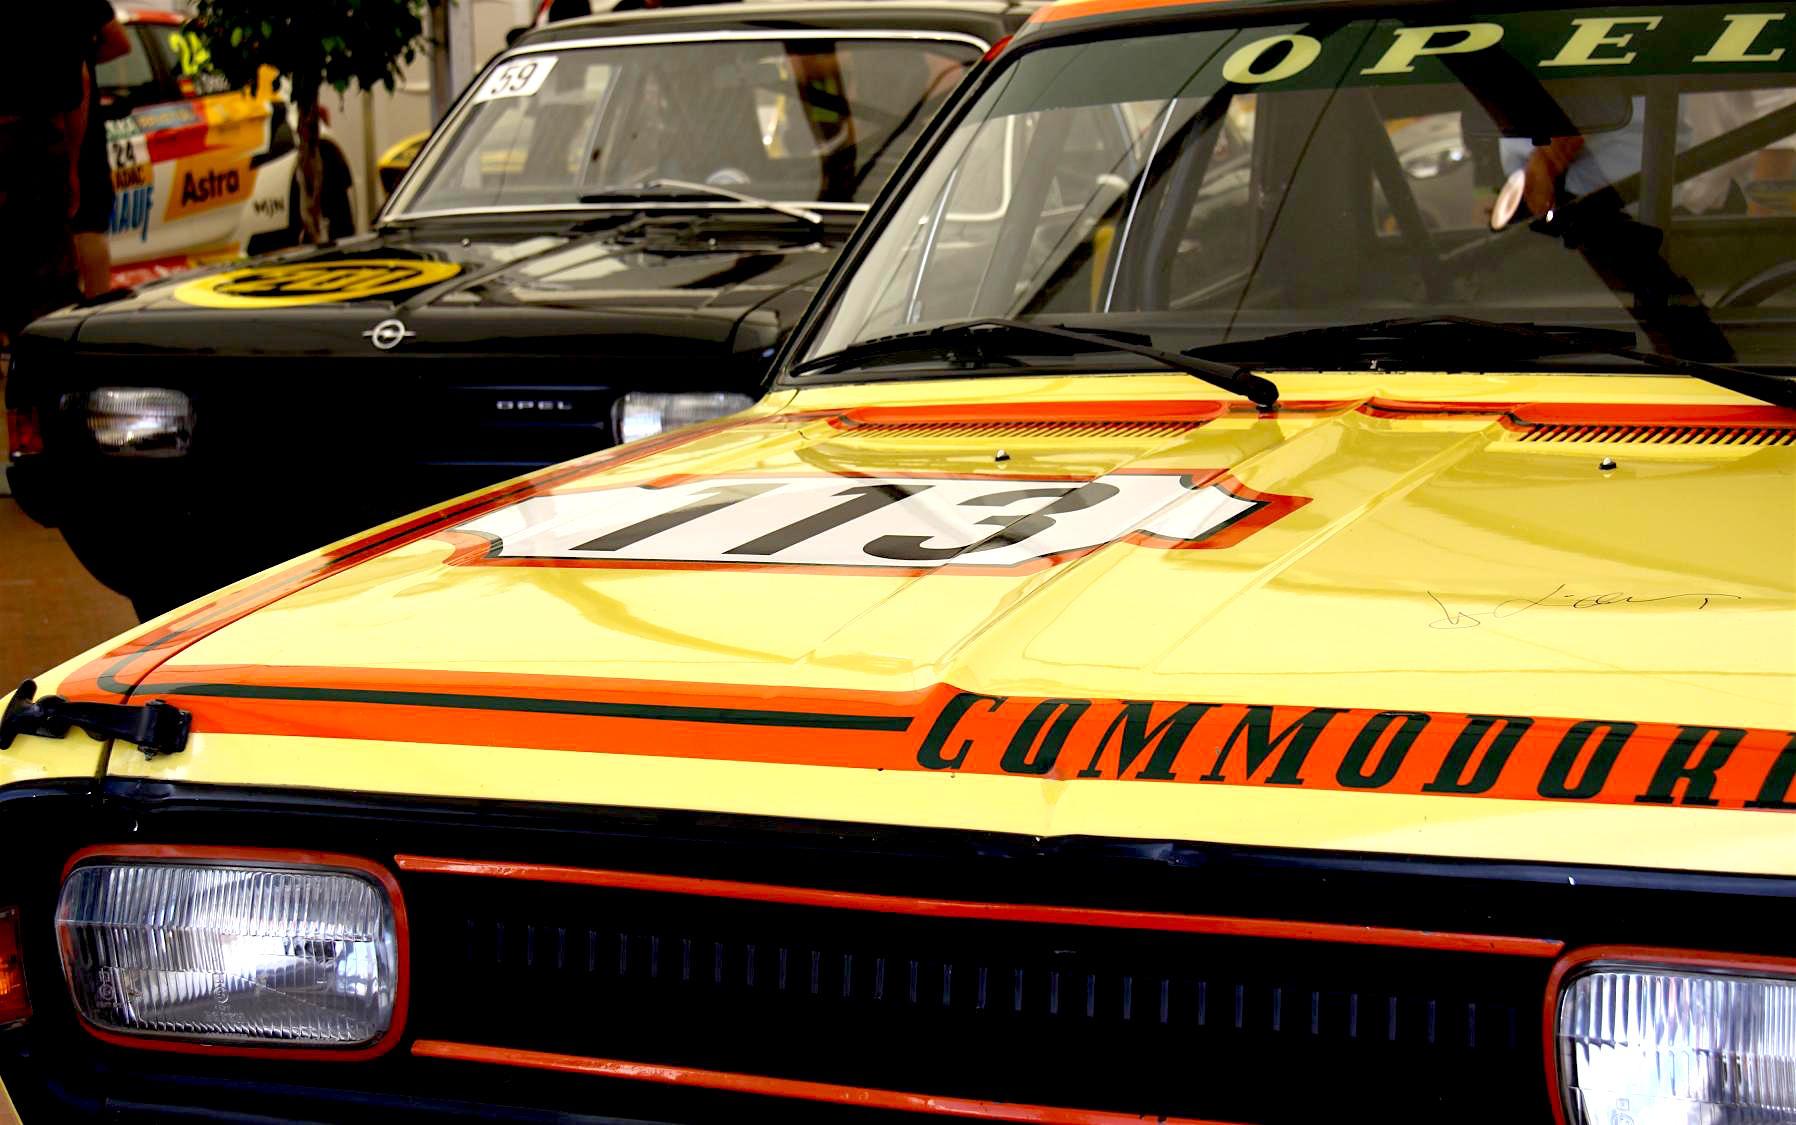 Ein bisschen finster schauen sie beide drein – die Gelbe Gefahr und die Schwarze Witwe – die Superhelden aus der wilden Zeit der Opel-Motorsport-Geschichte.